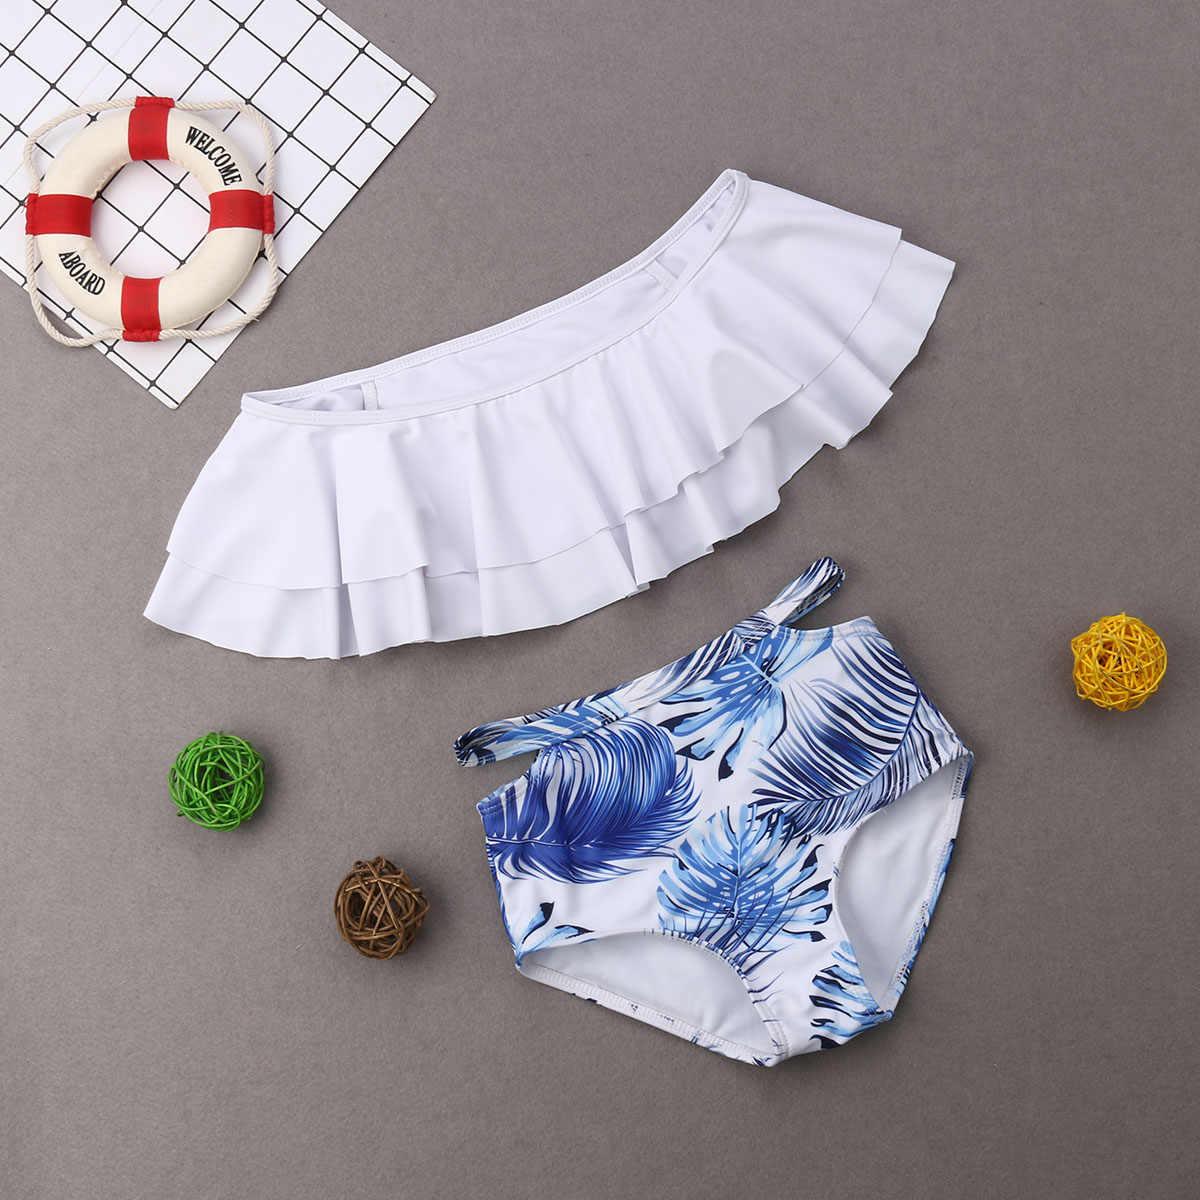 Hirigin padre e hijo verano natación pantalones cortos 2019 familia juego de hombres niño traje de baño verano playa Shorts